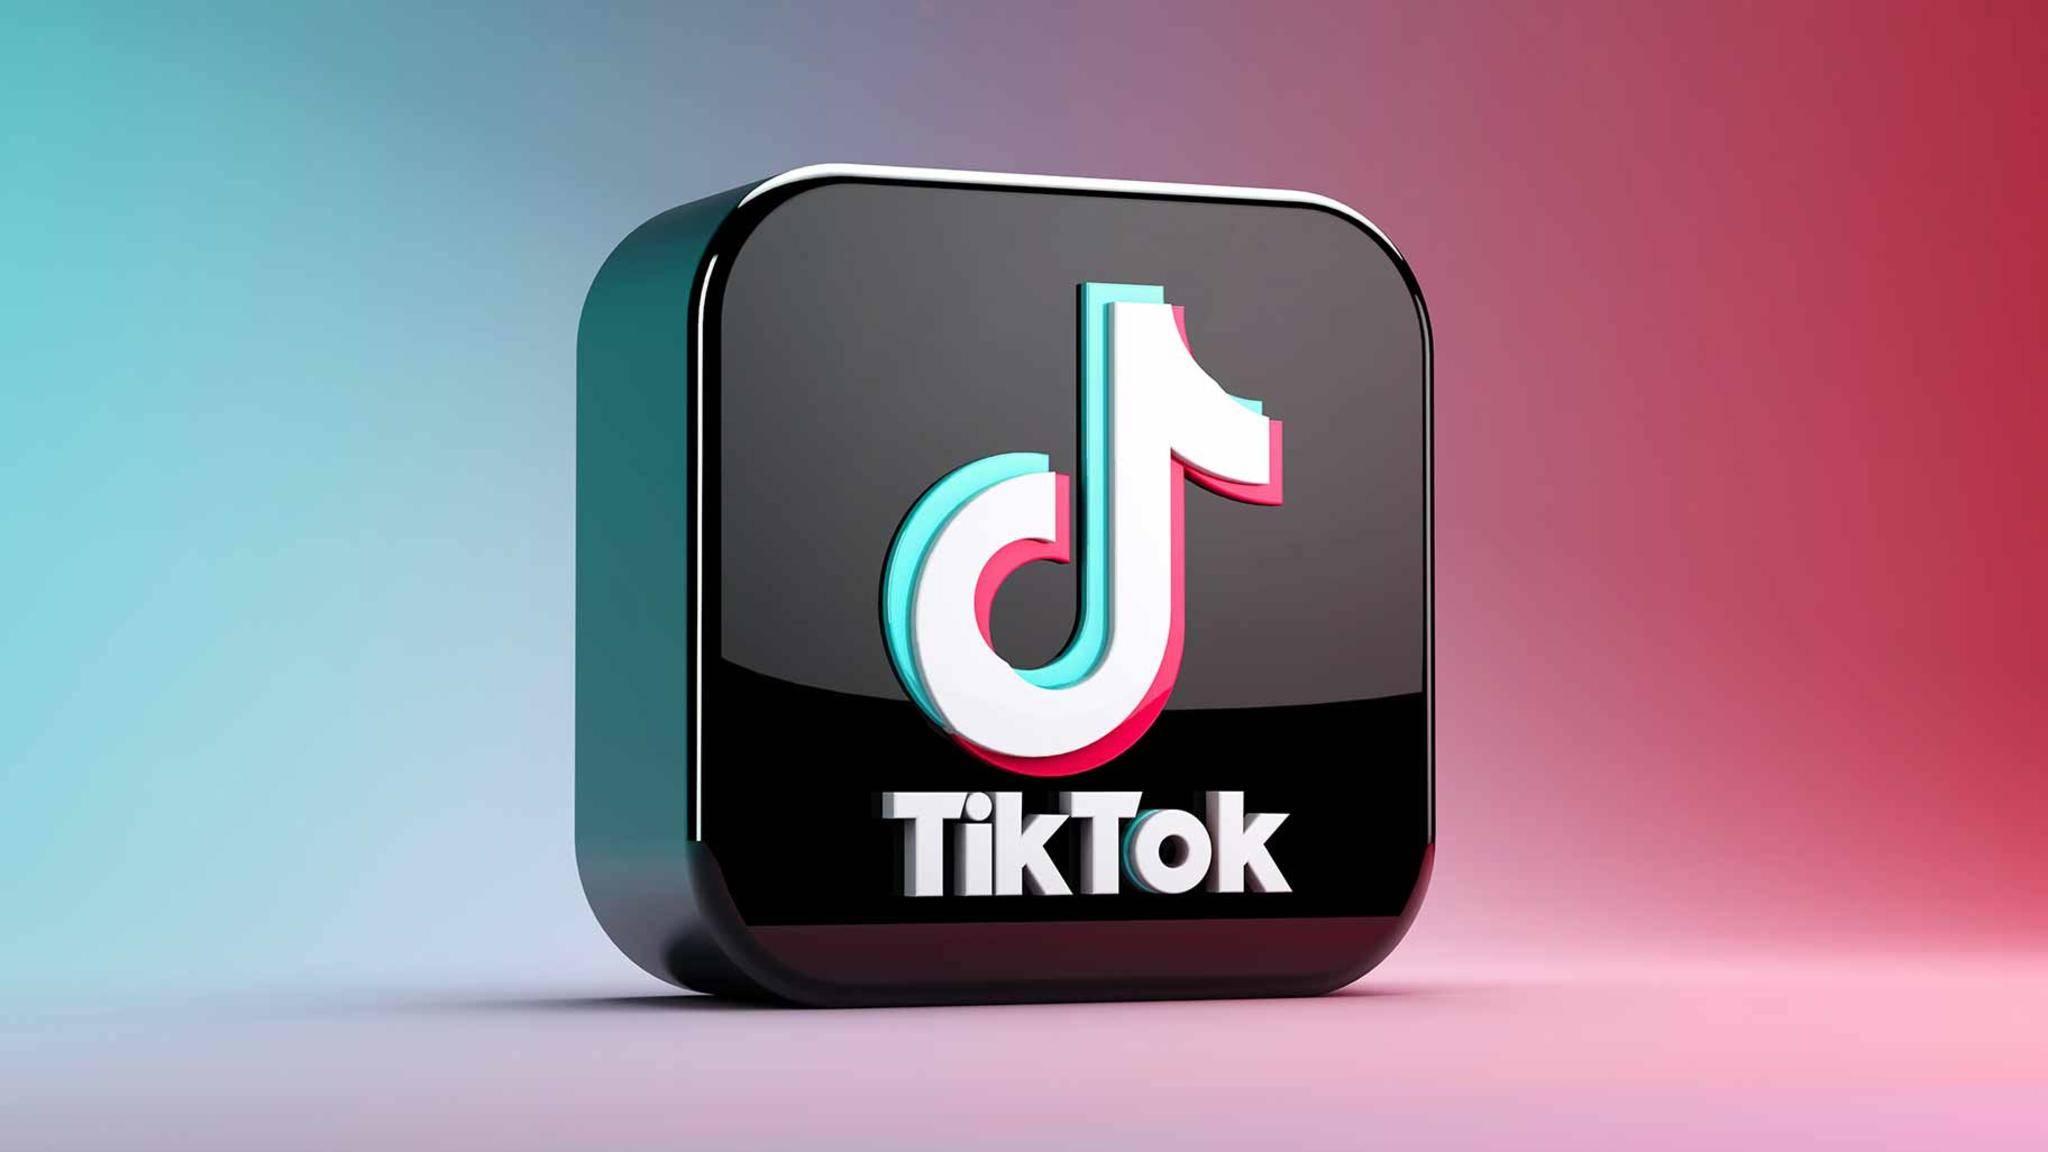 Wie bekommt man auf TikTok eigentlich den begehrten blauen Haken?